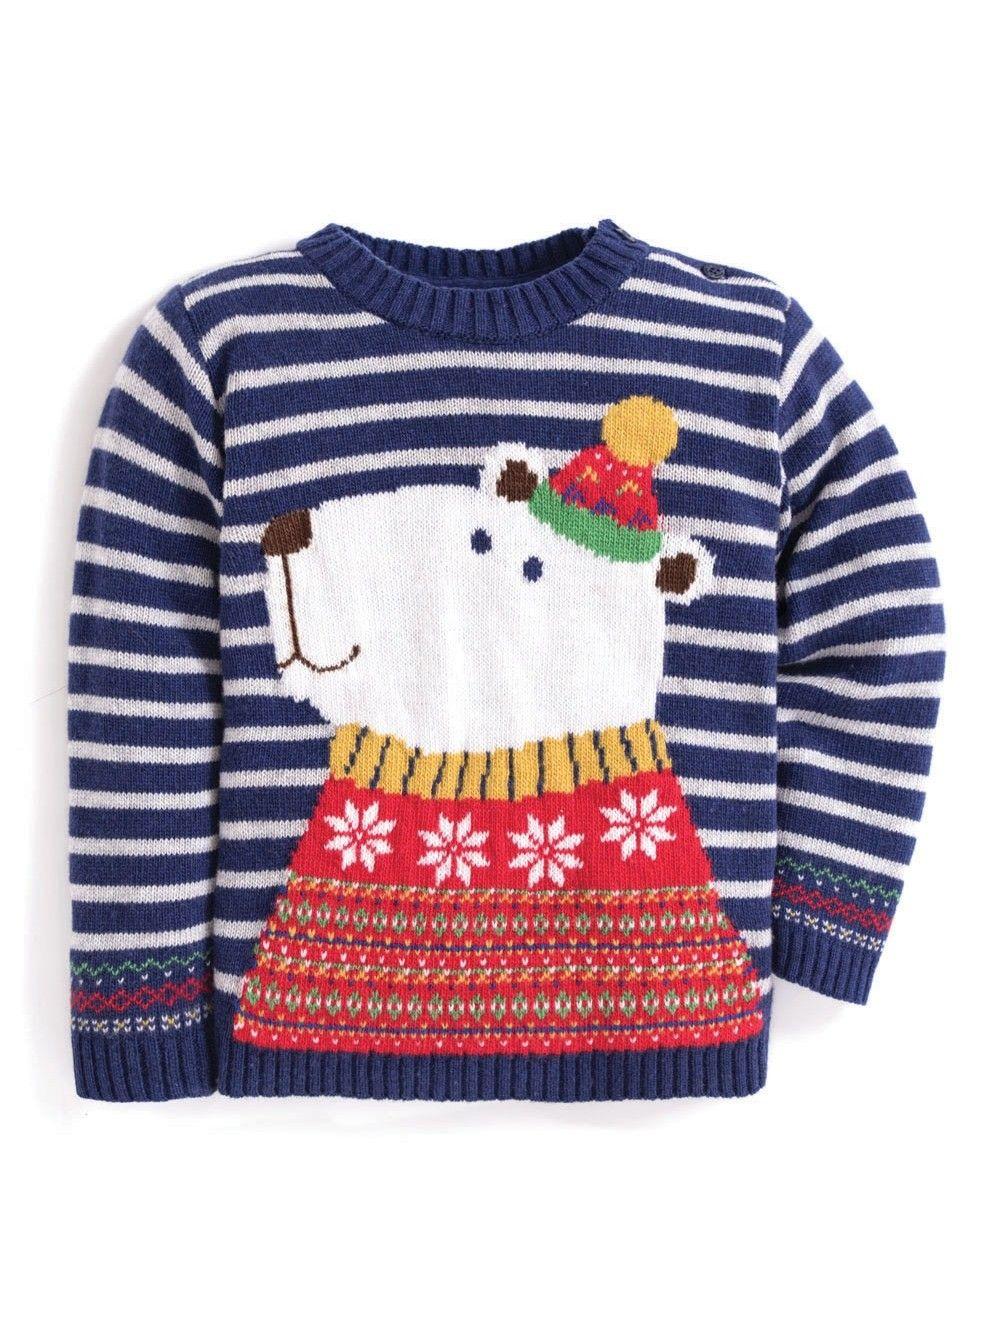 Jojo Christmas Sweater.Kids Polar Bear Cashmere Mix Christmas Sweater Jojo Maman